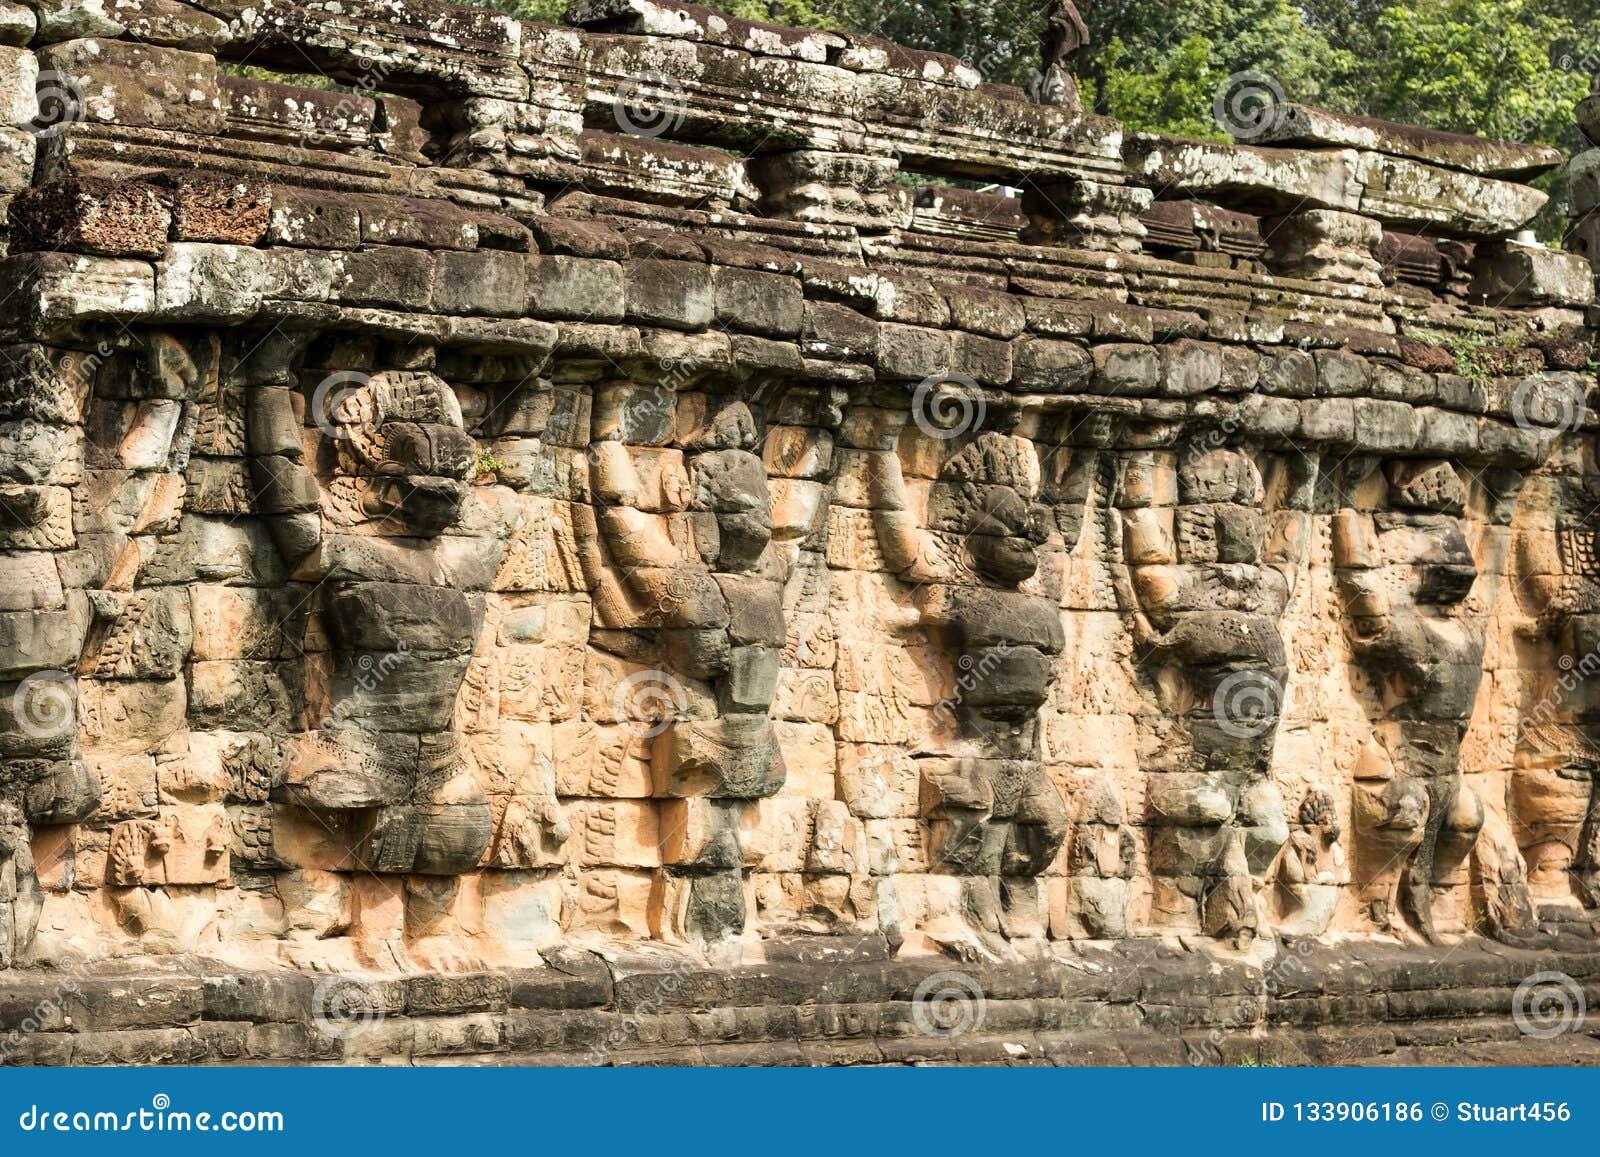 Terraza De Los Elefantes En El Parque Arqueológico De Angkor